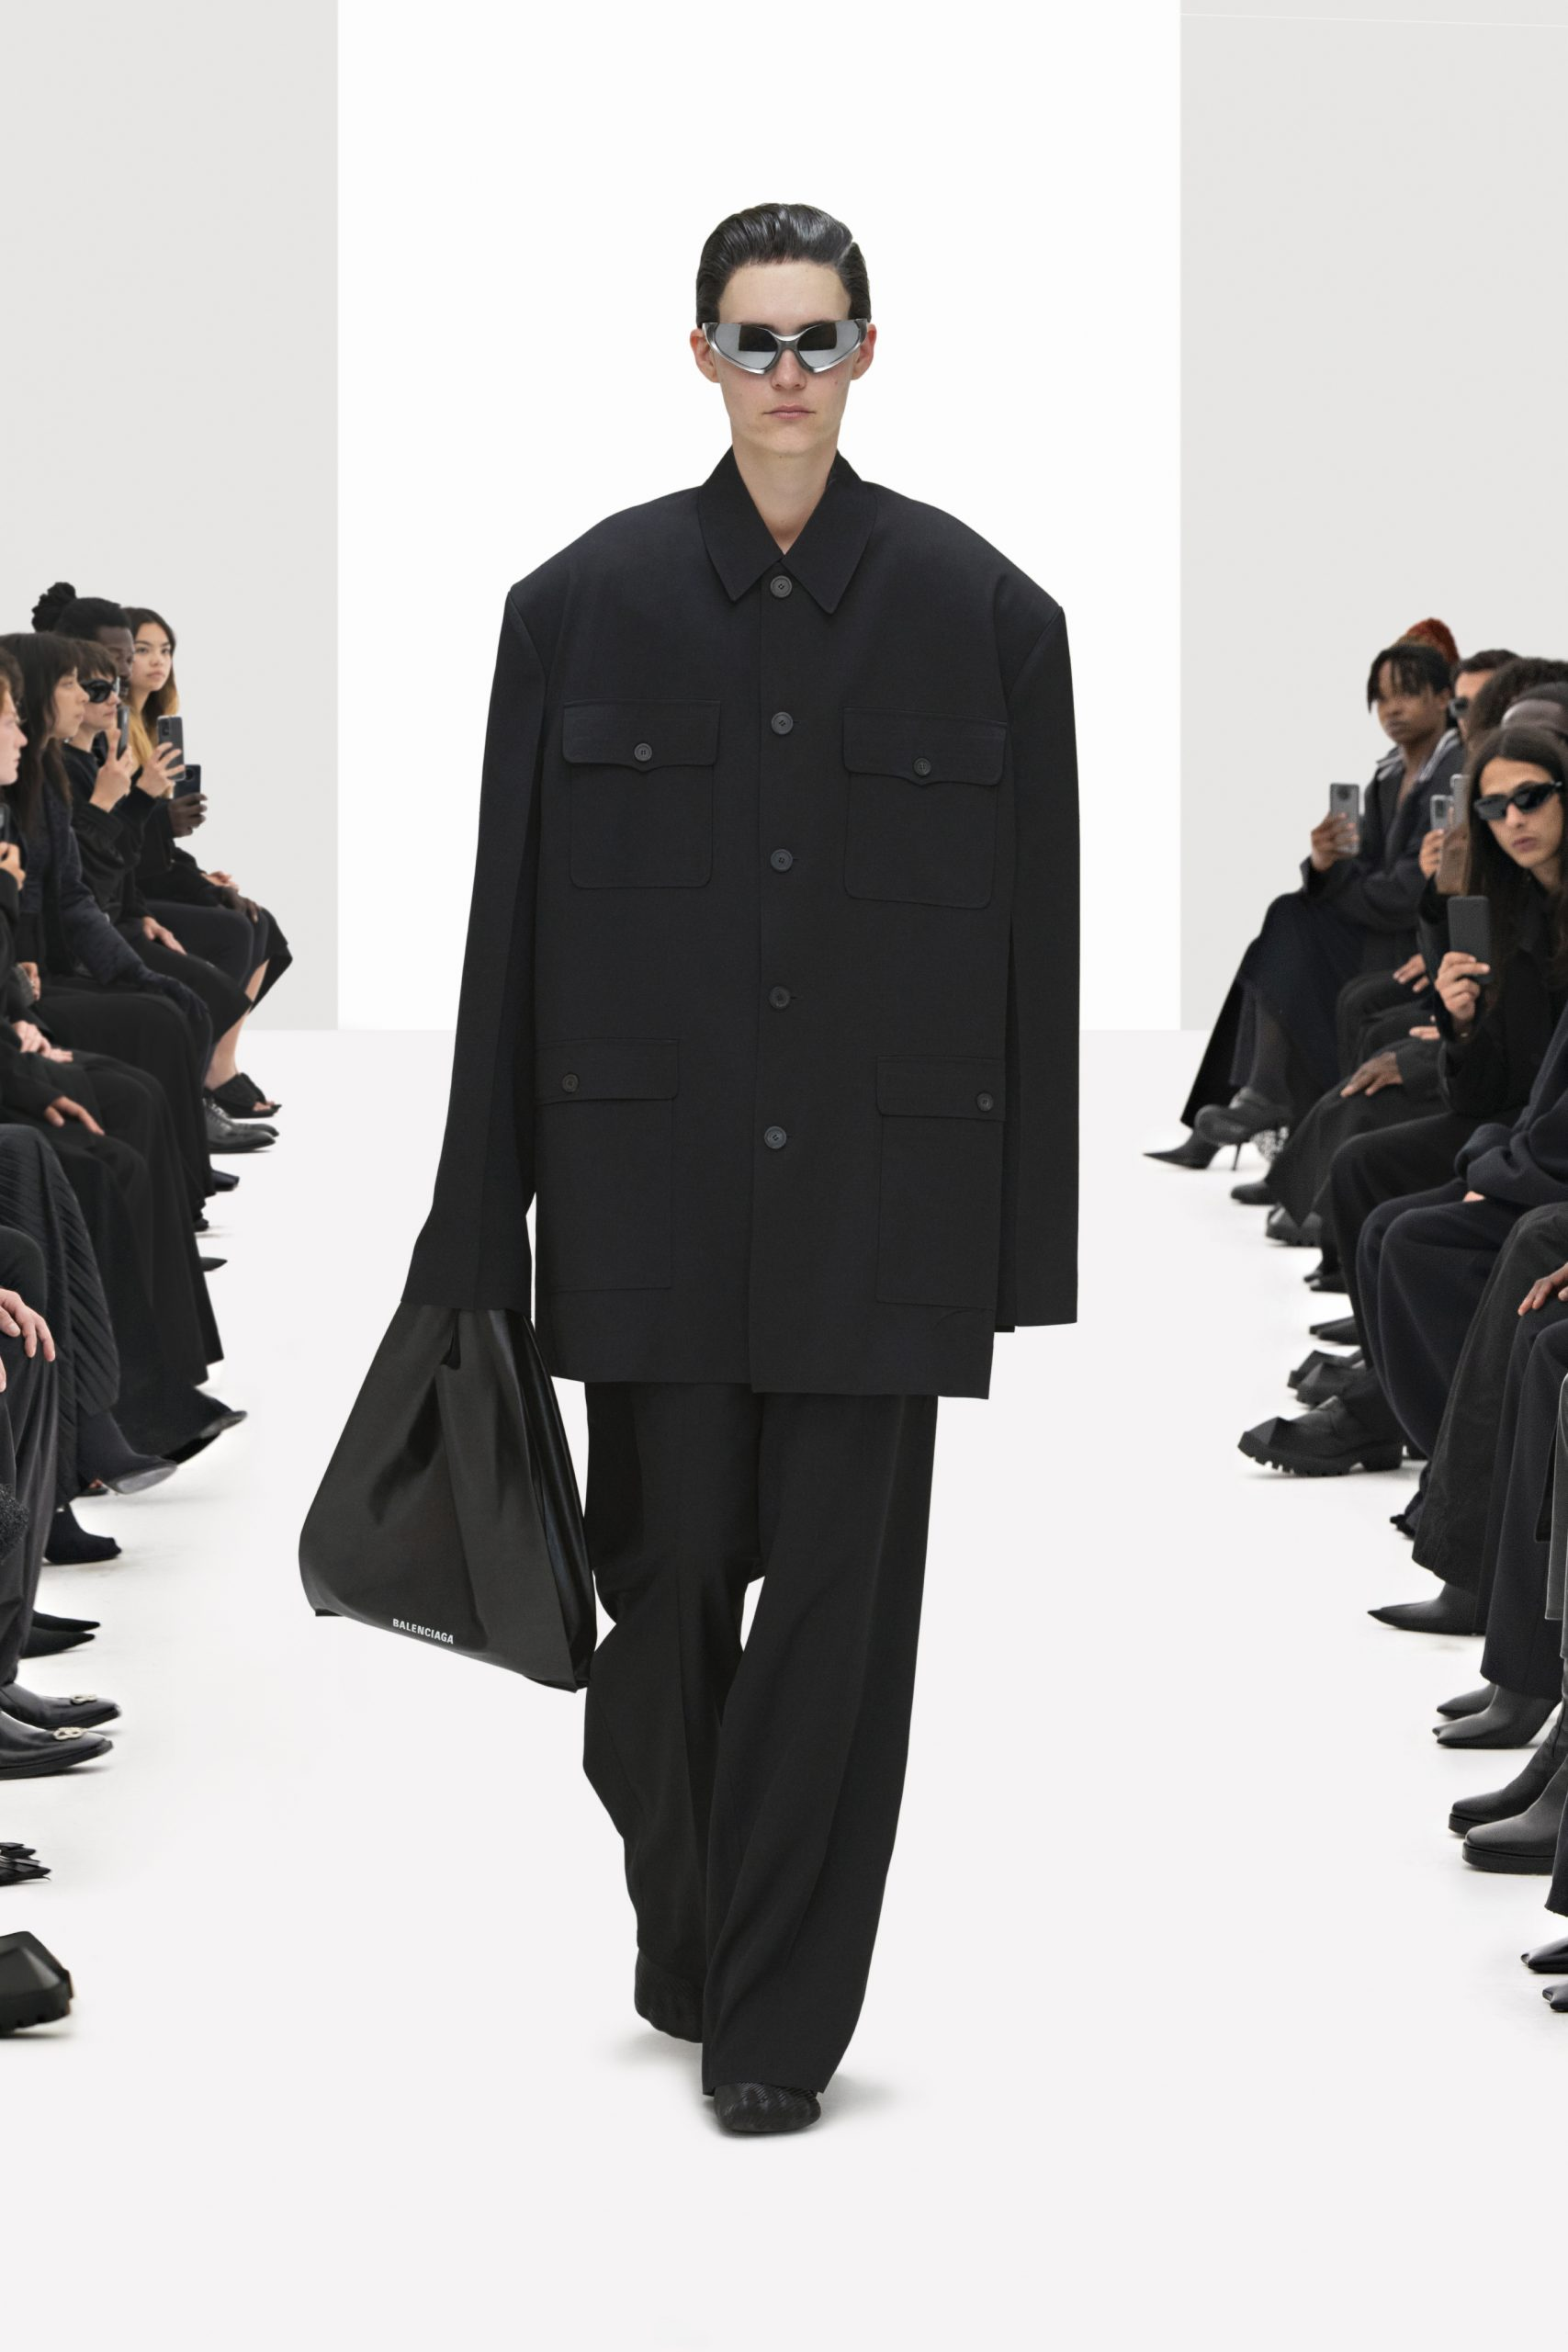 Balenciaga Spring 2022 Fashion Show Photos